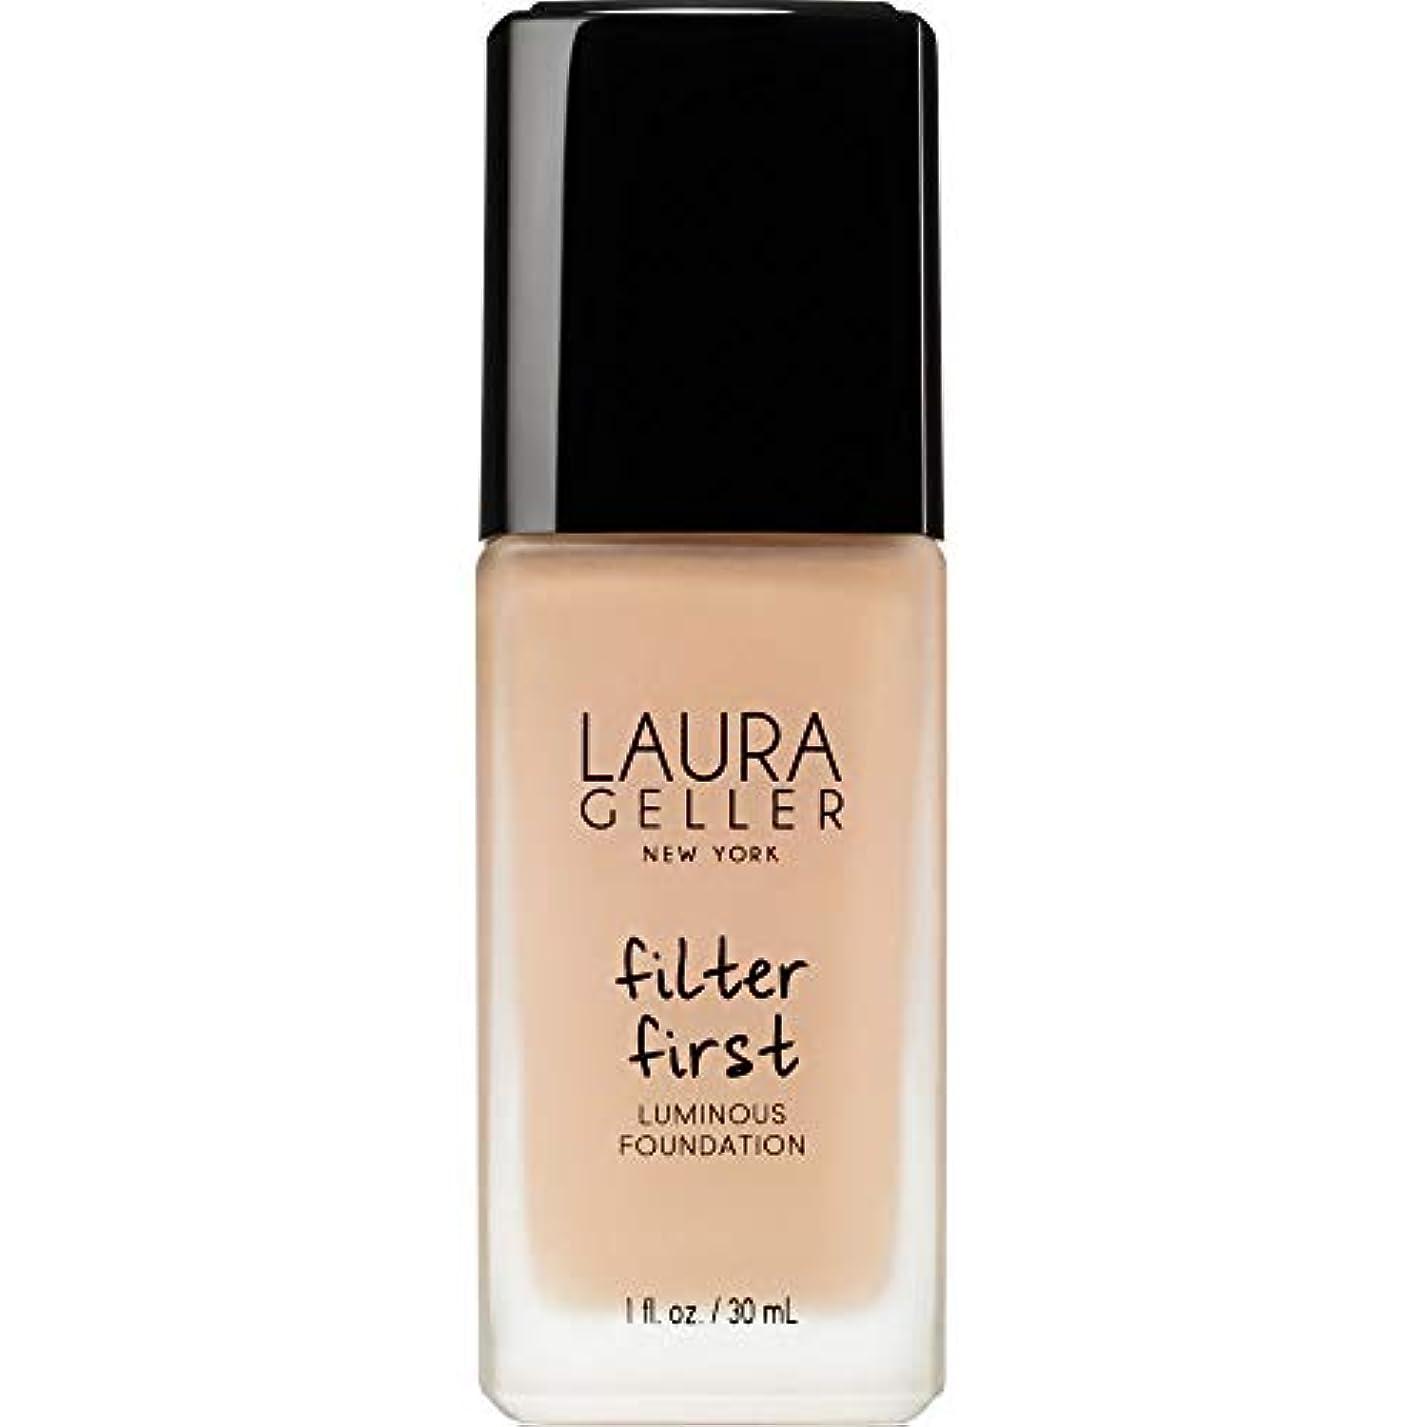 優しいコンデンサーウェイトレス[Laura Geller] ローラ?ゲラーは、最初の発光基盤の30ミリリットルのバフをフィルタリング - Laura Geller Filter First Luminous Foundation 30ml Buff...